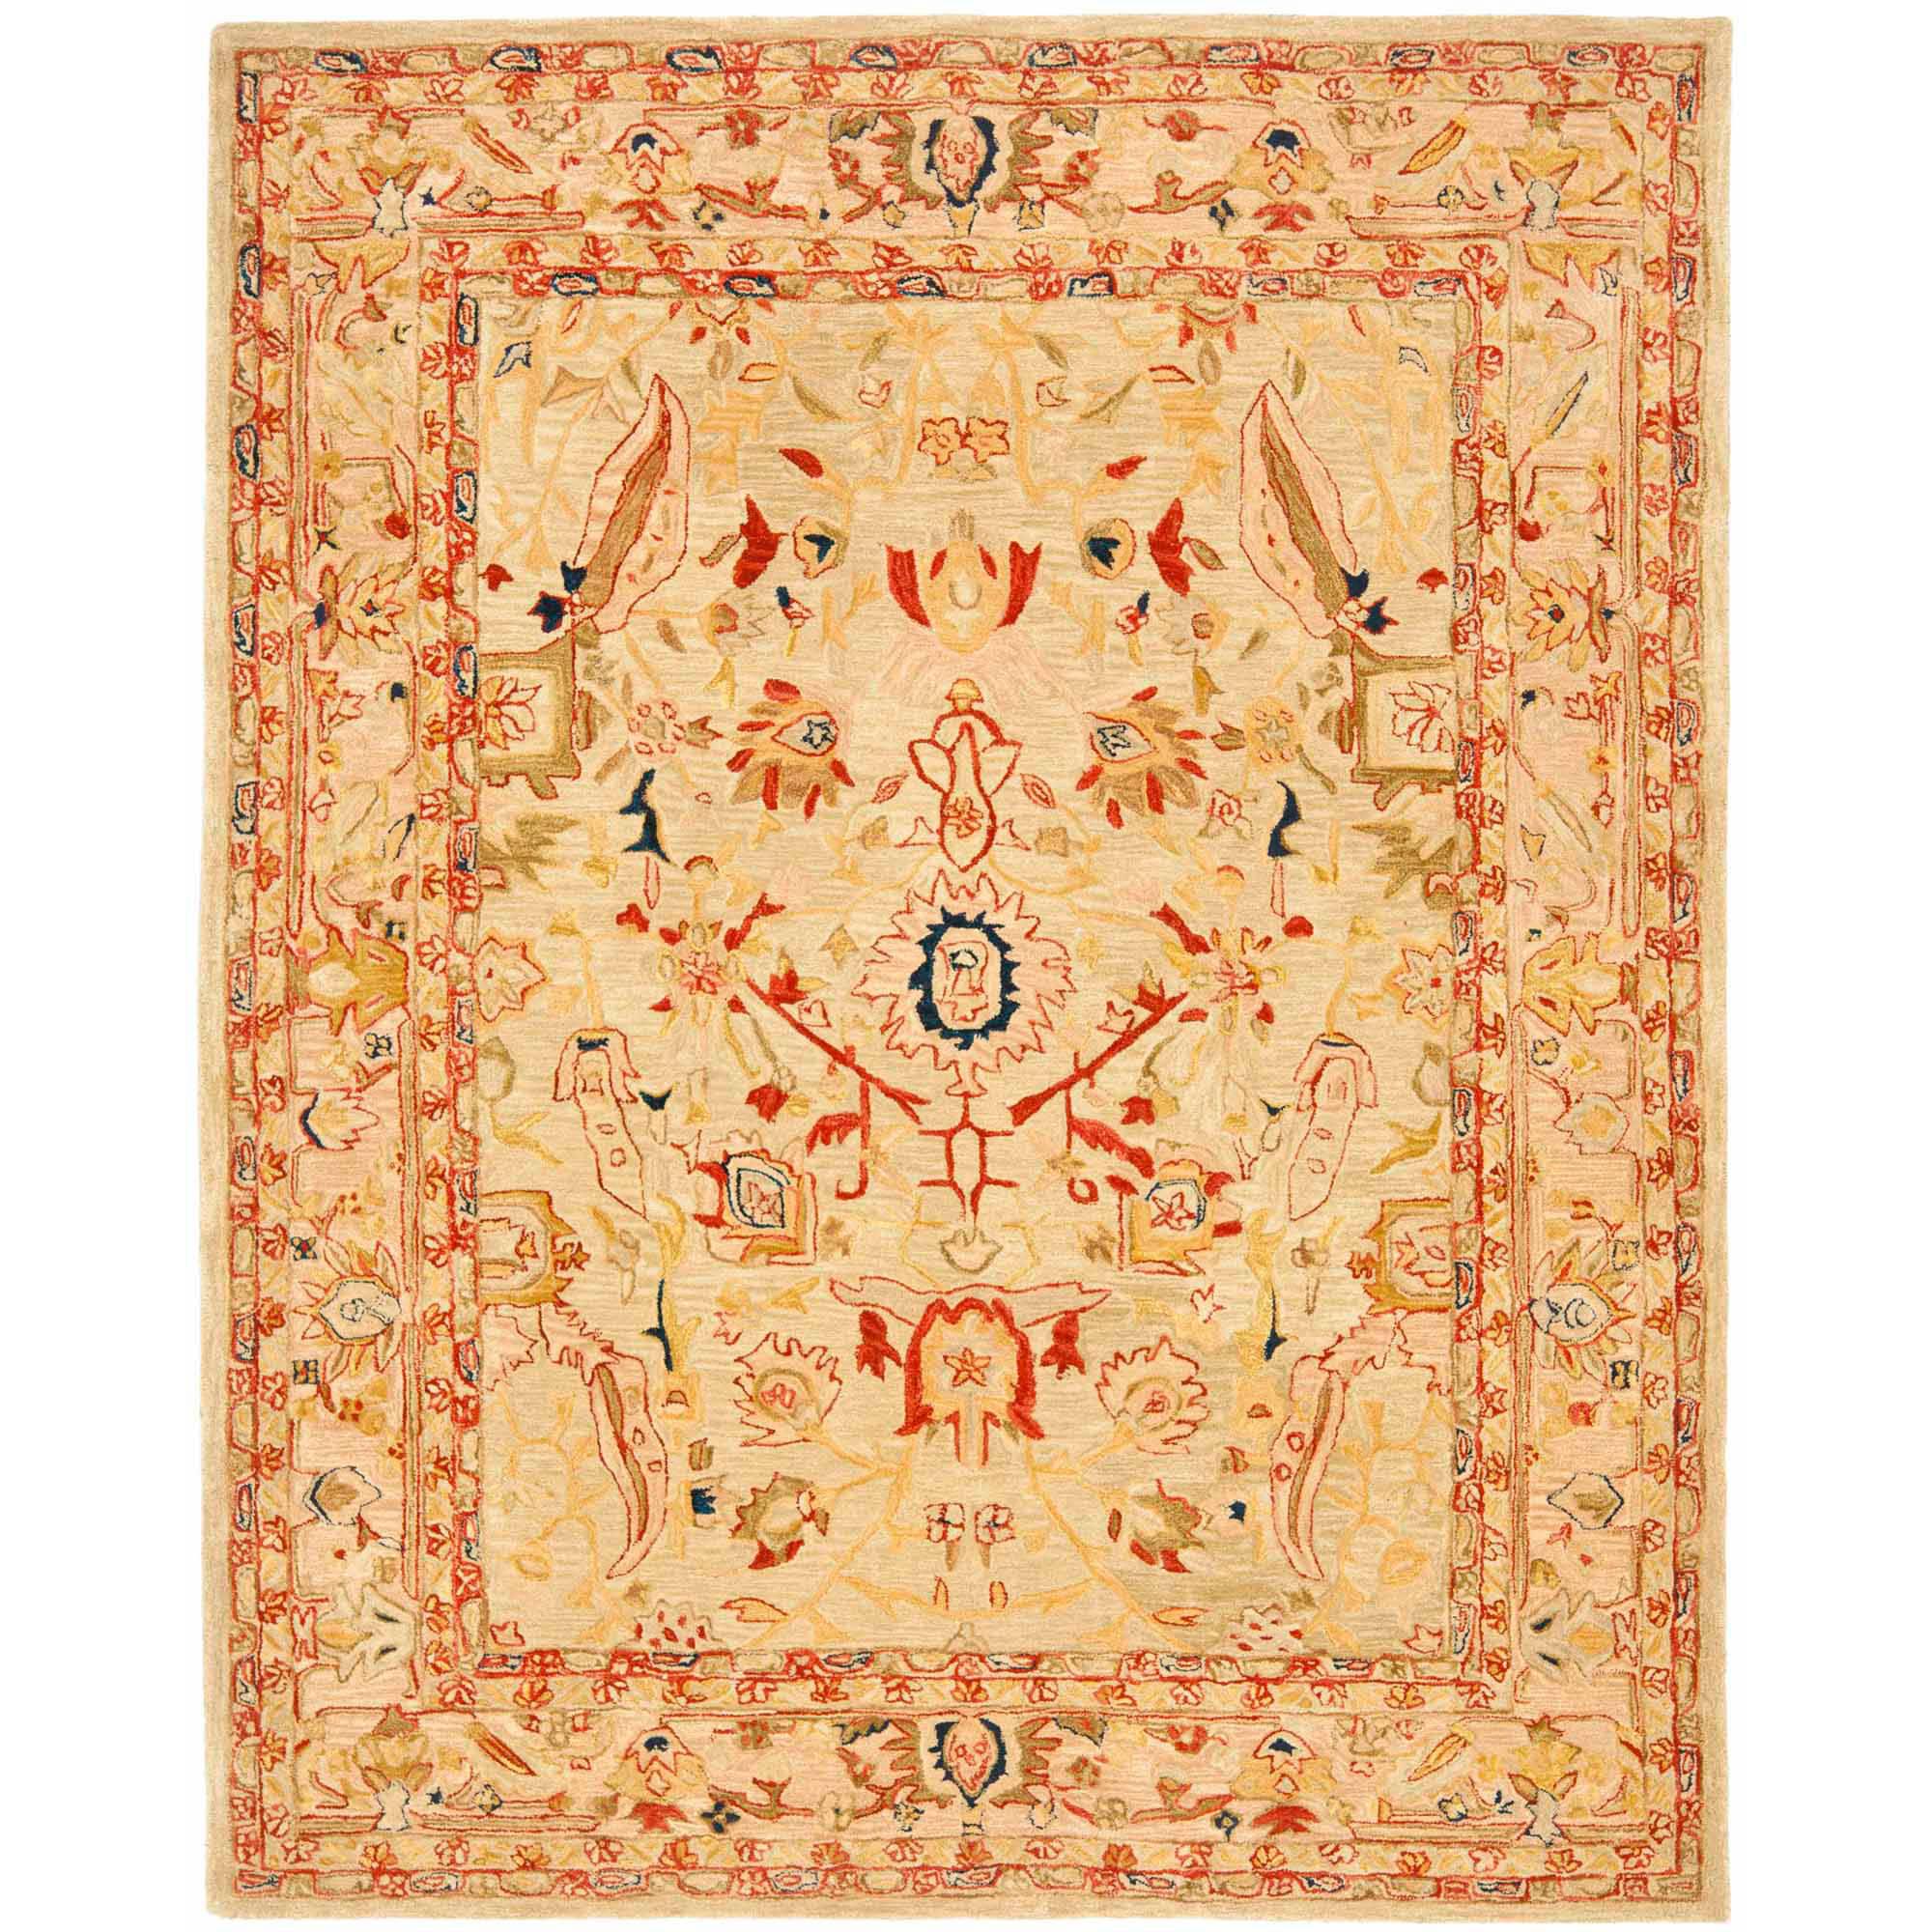 Safavieh Anatolia Vance Hand-Tufted Wool Area Rug, Ivory/Beige